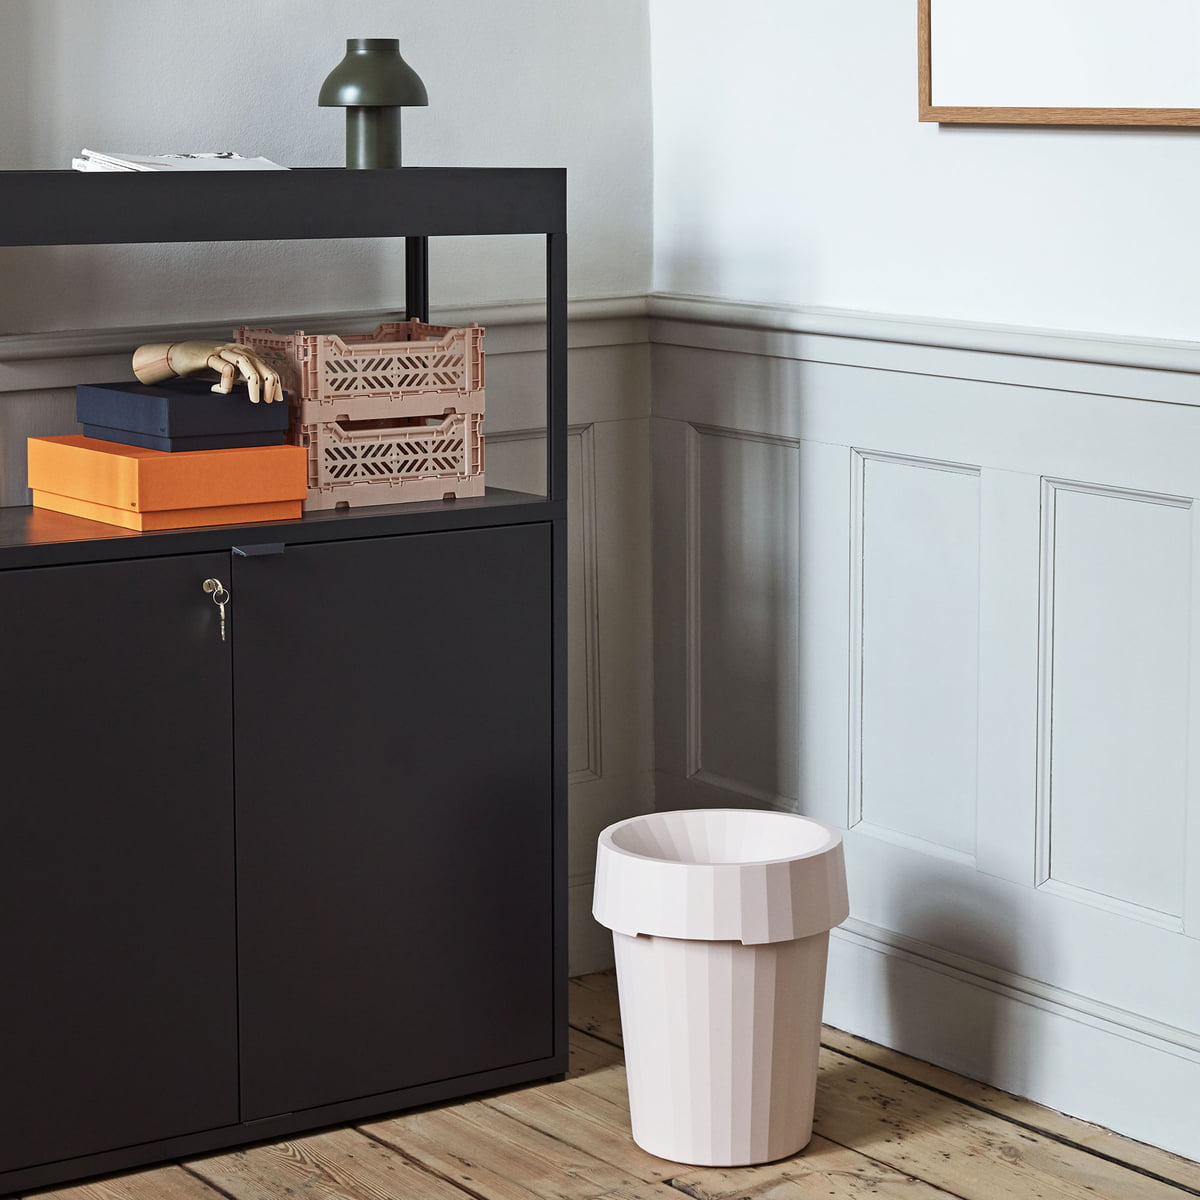 Full Size of Kisten Küche Colour Klapp Kiste Von Hay Connox Inselküche Industrial Ikea Miniküche Tapete Modern Sprüche Für Die Mülltonne Einbauküche Mit E Geräten Wohnzimmer Kisten Küche